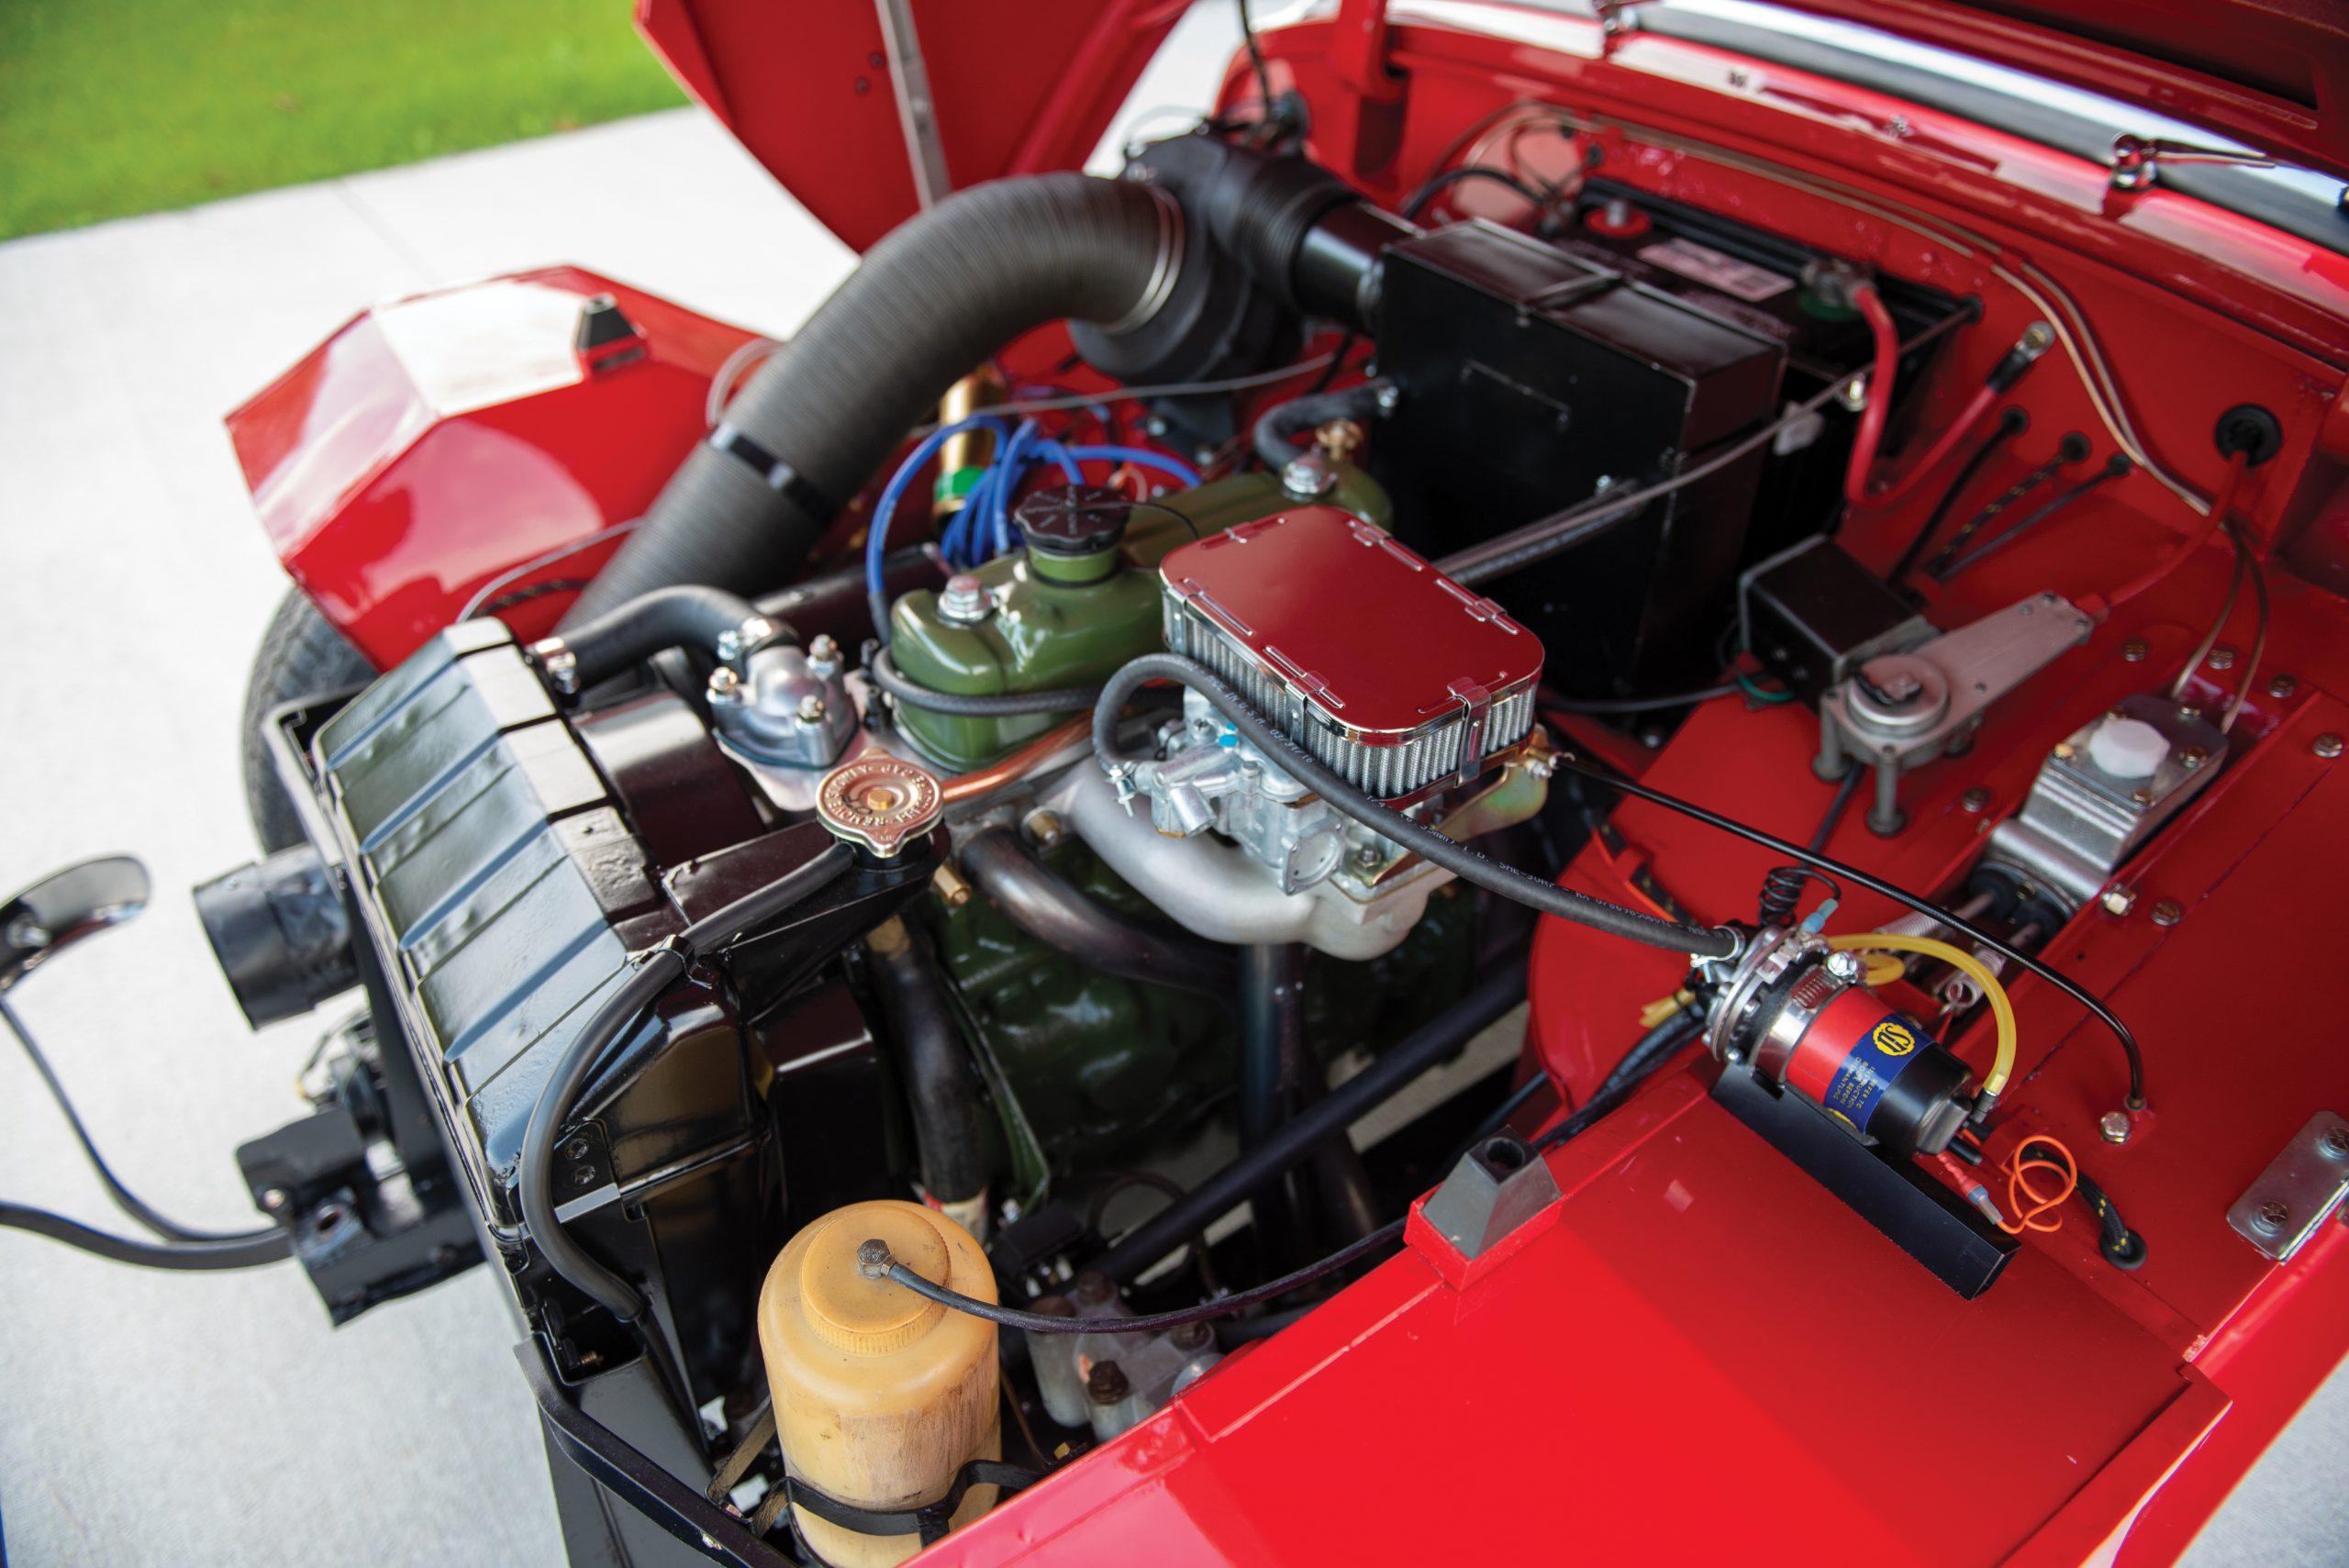 1959 Austin Healey Sprite Bugeye upgraded 4 cylinder